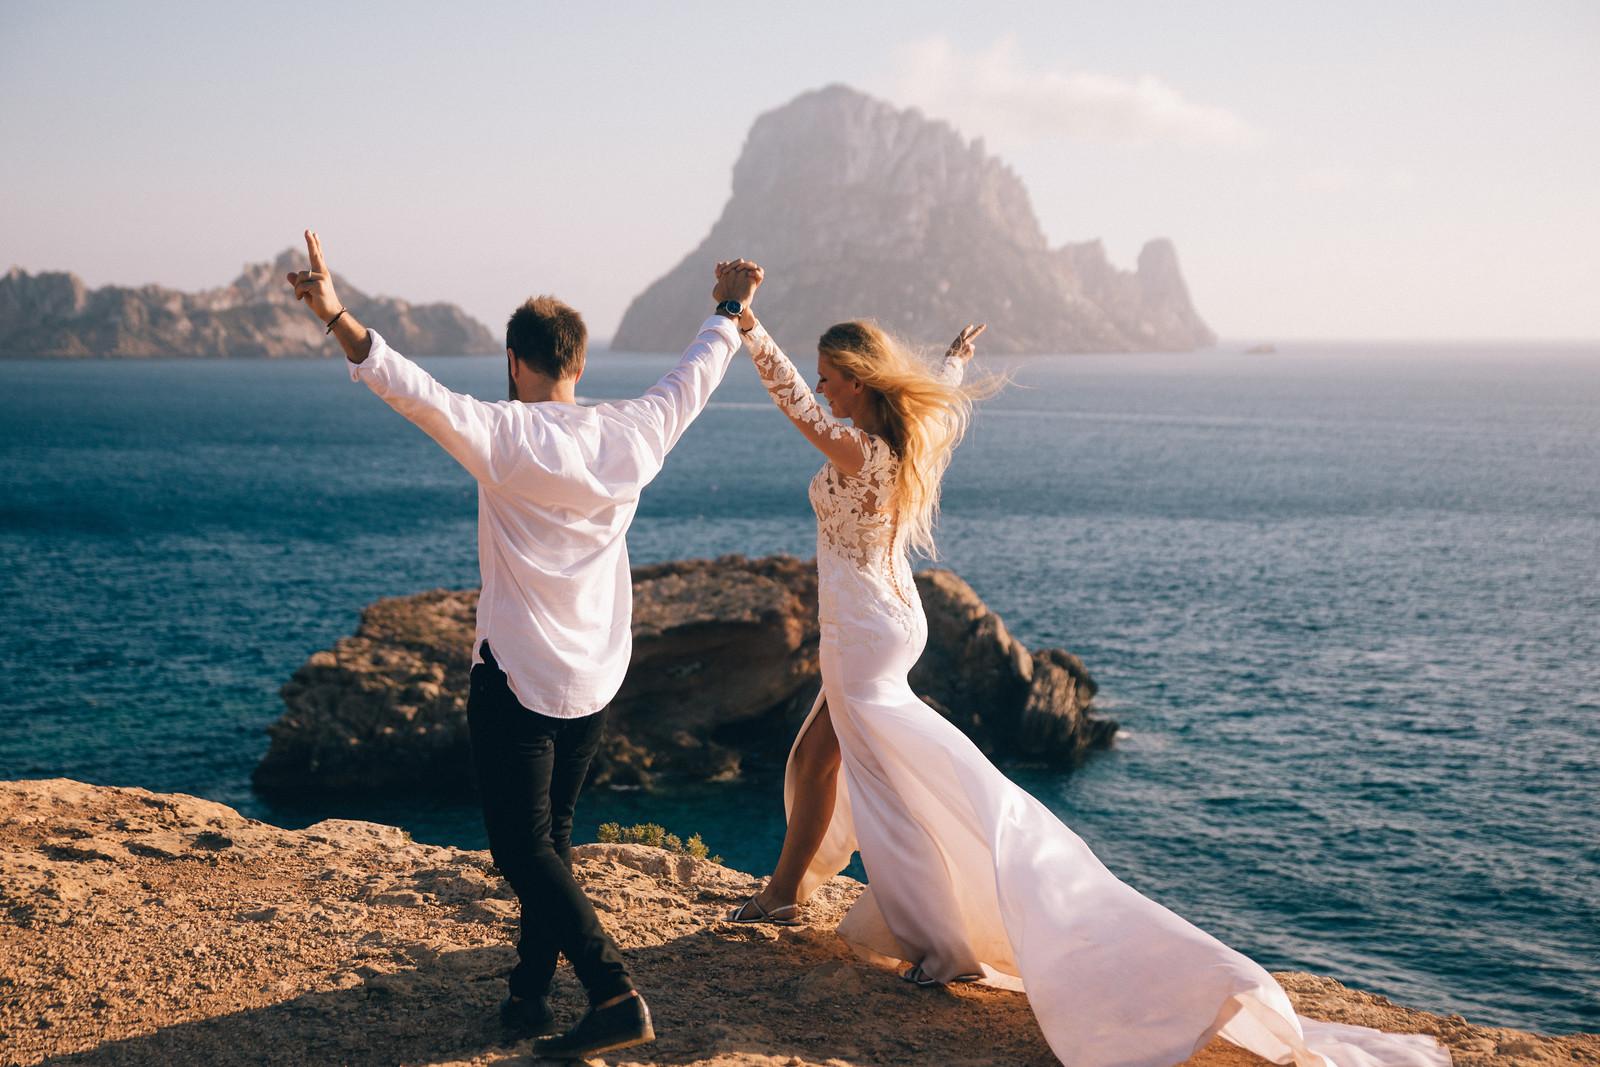 https://www.white-ibiza.com/wp-content/uploads/2020/04/white-ibiza-wedding-photographers-jeremy-christopher-photography-2020-01.jpg